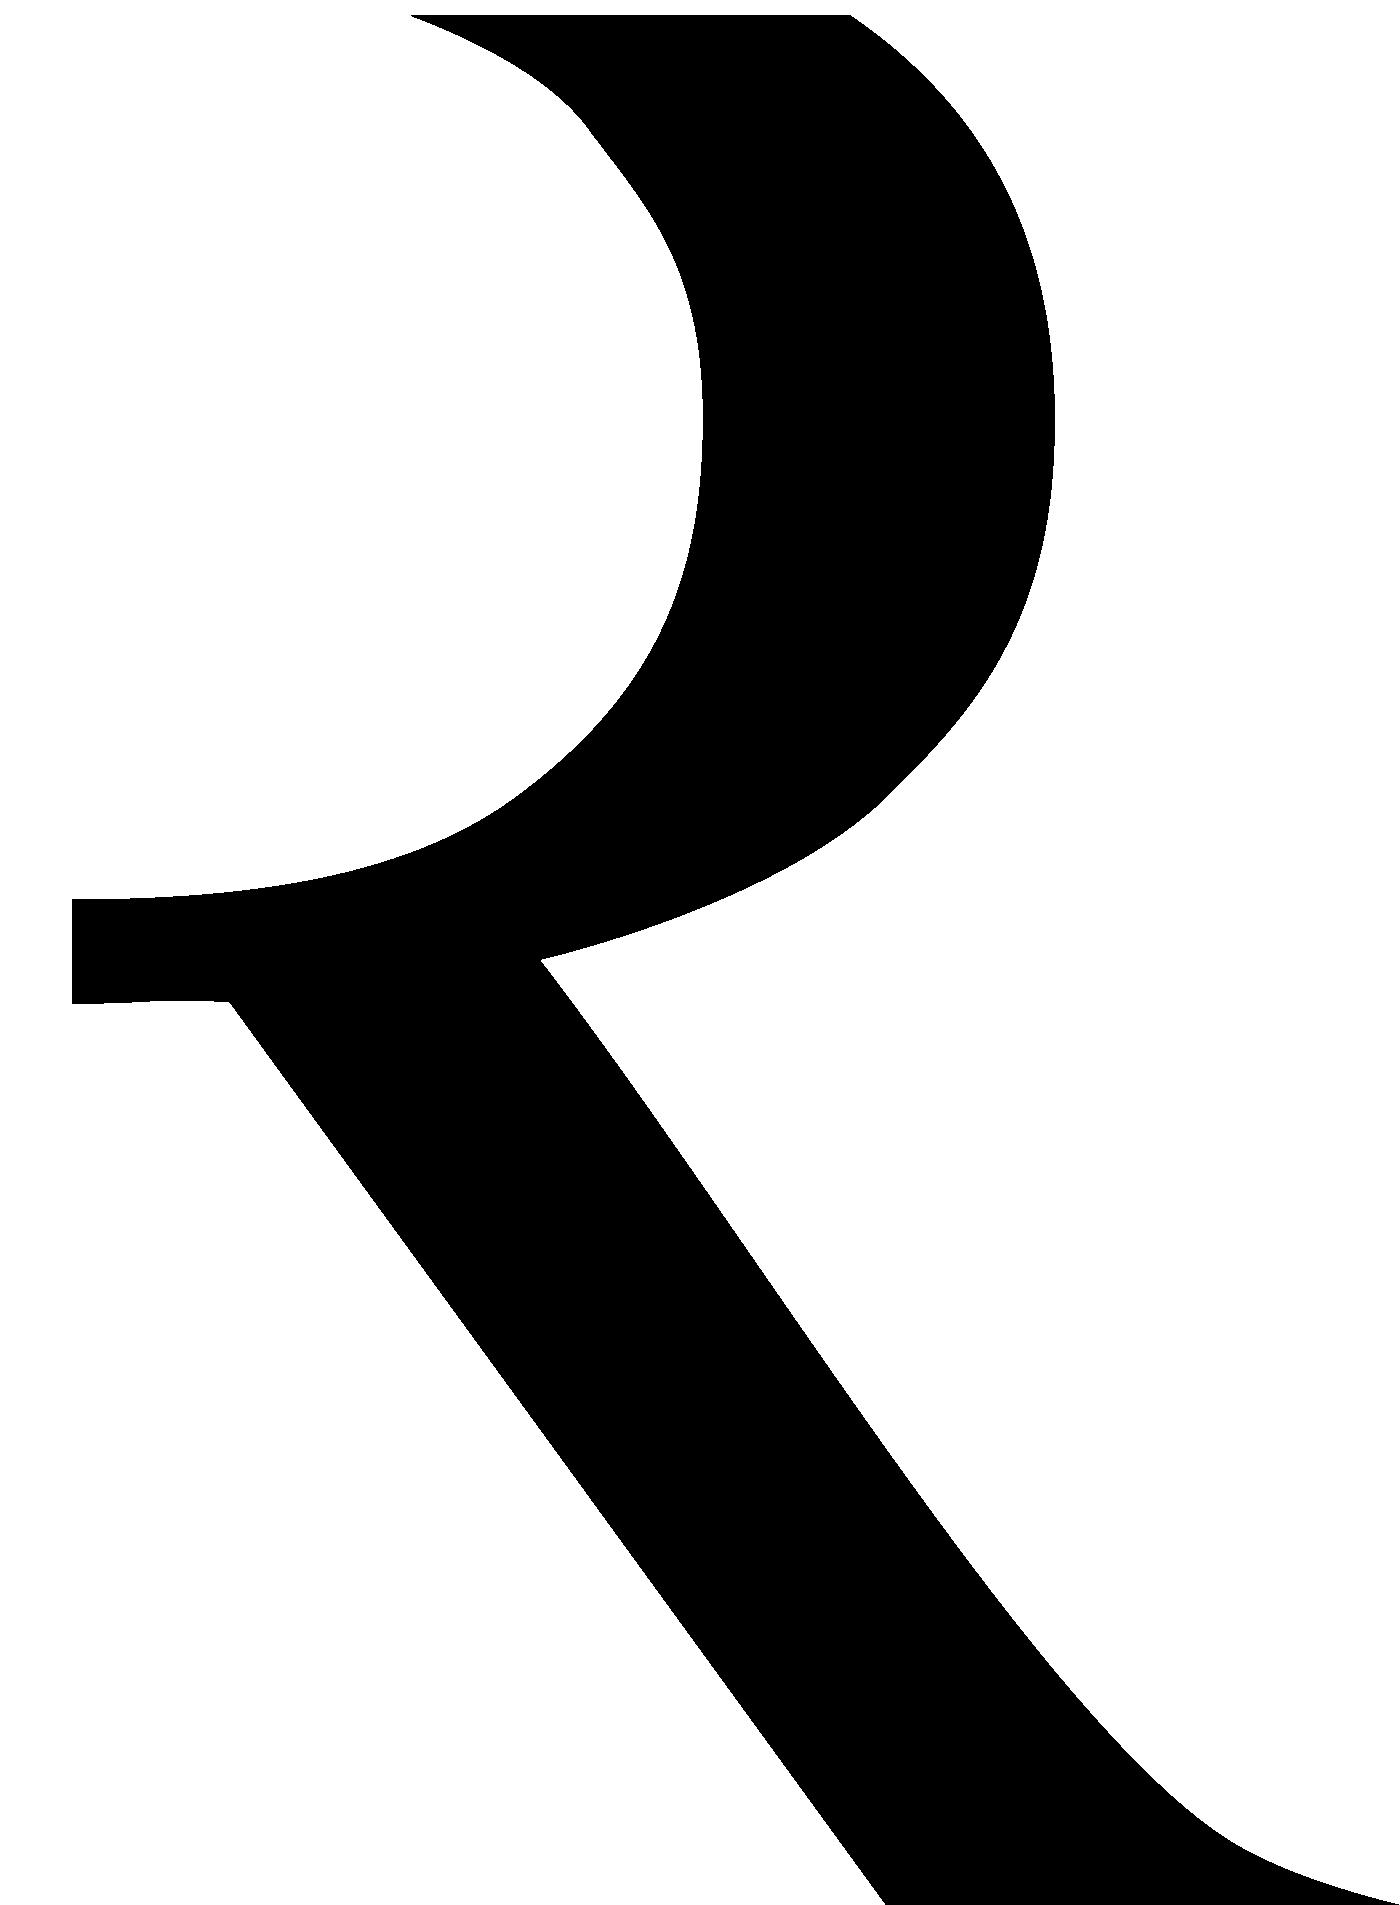 rosenthal+logo.png